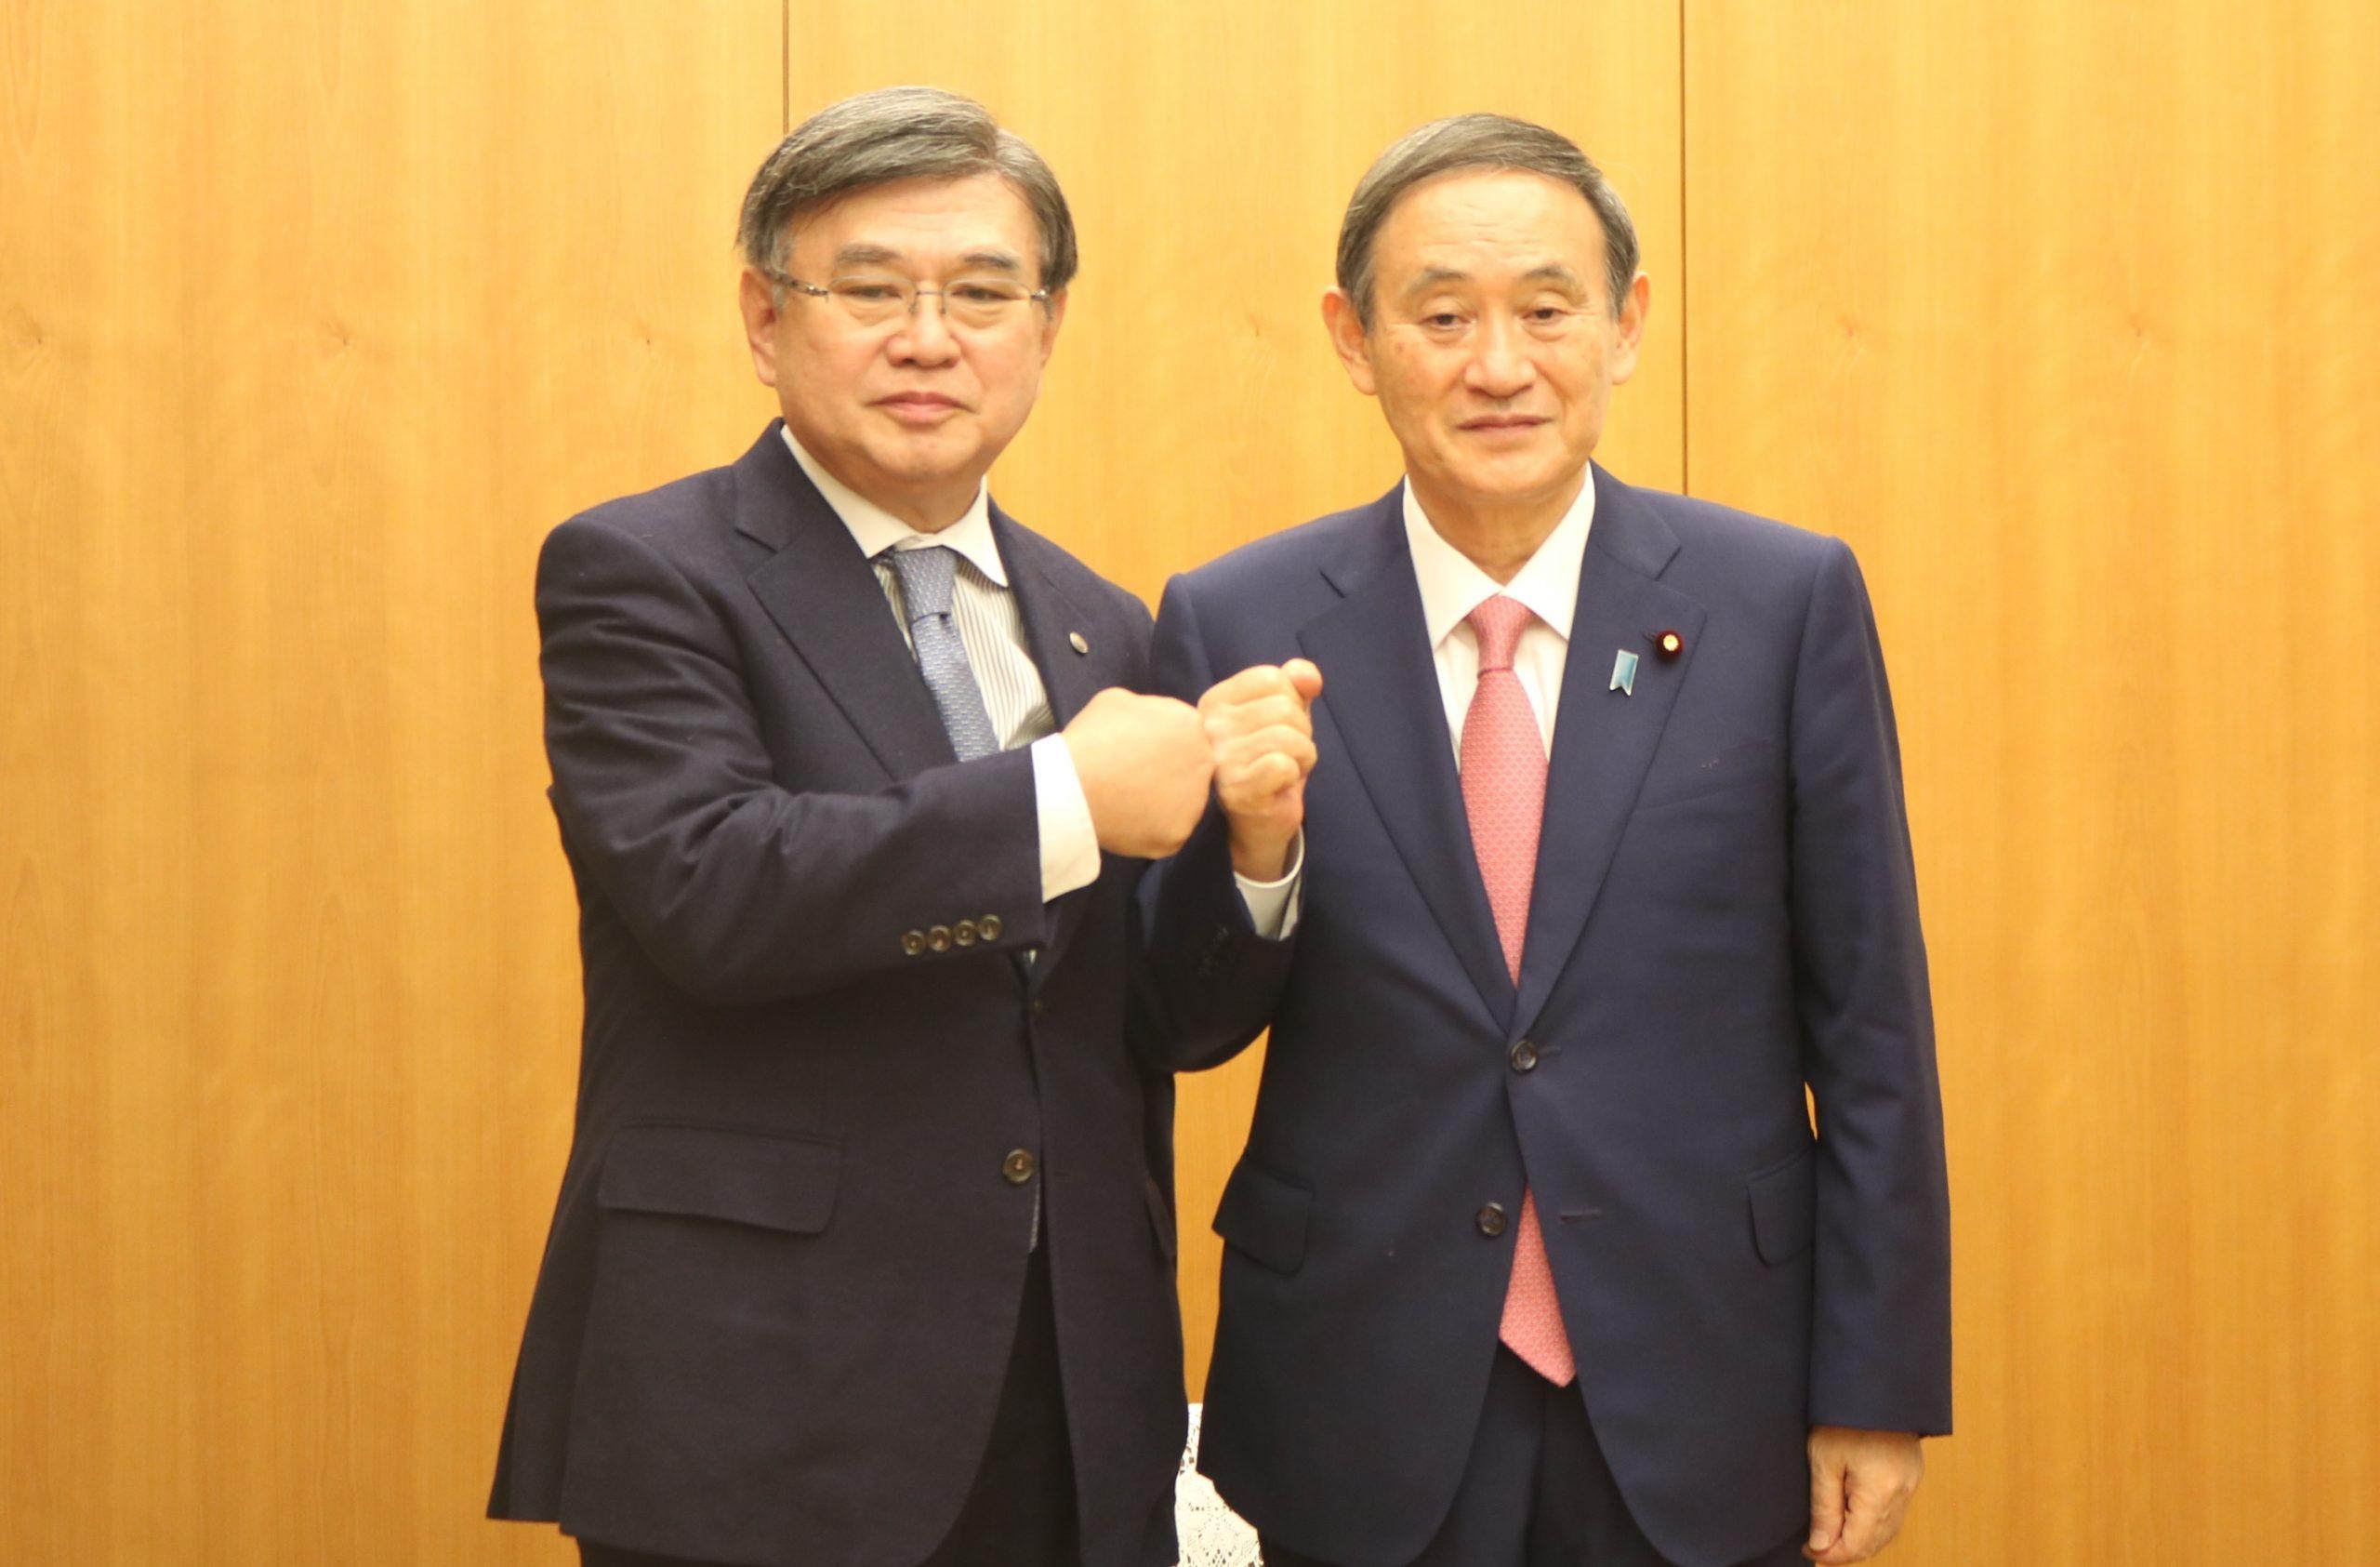 菅首相と神津会長